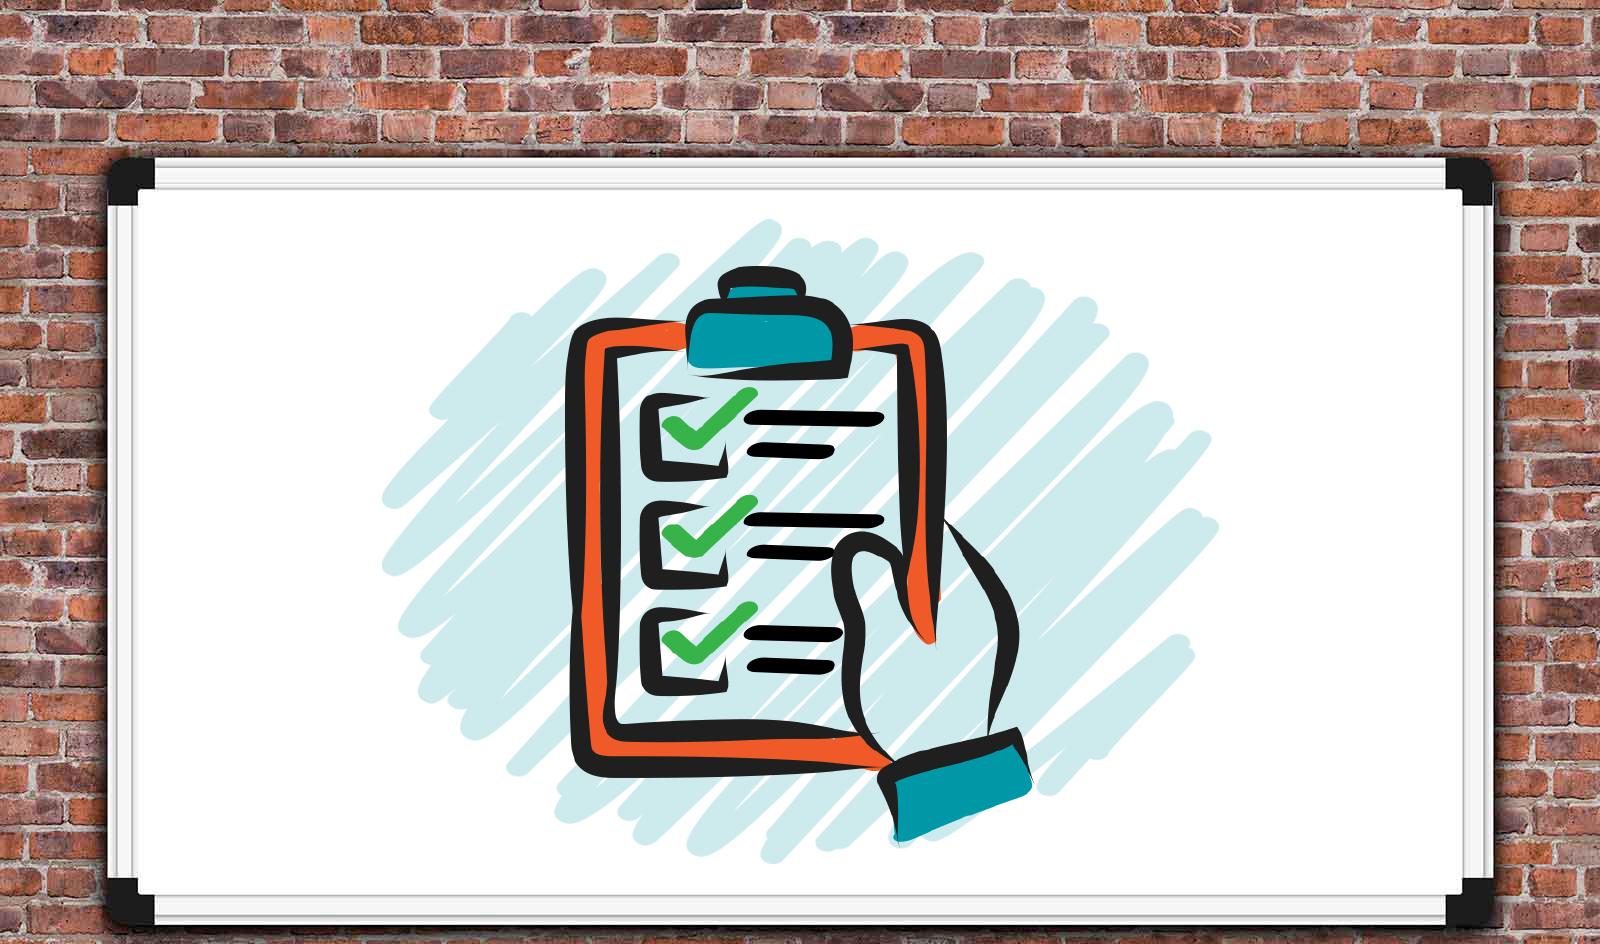 background-offer-website-checklist-inbound-campaign